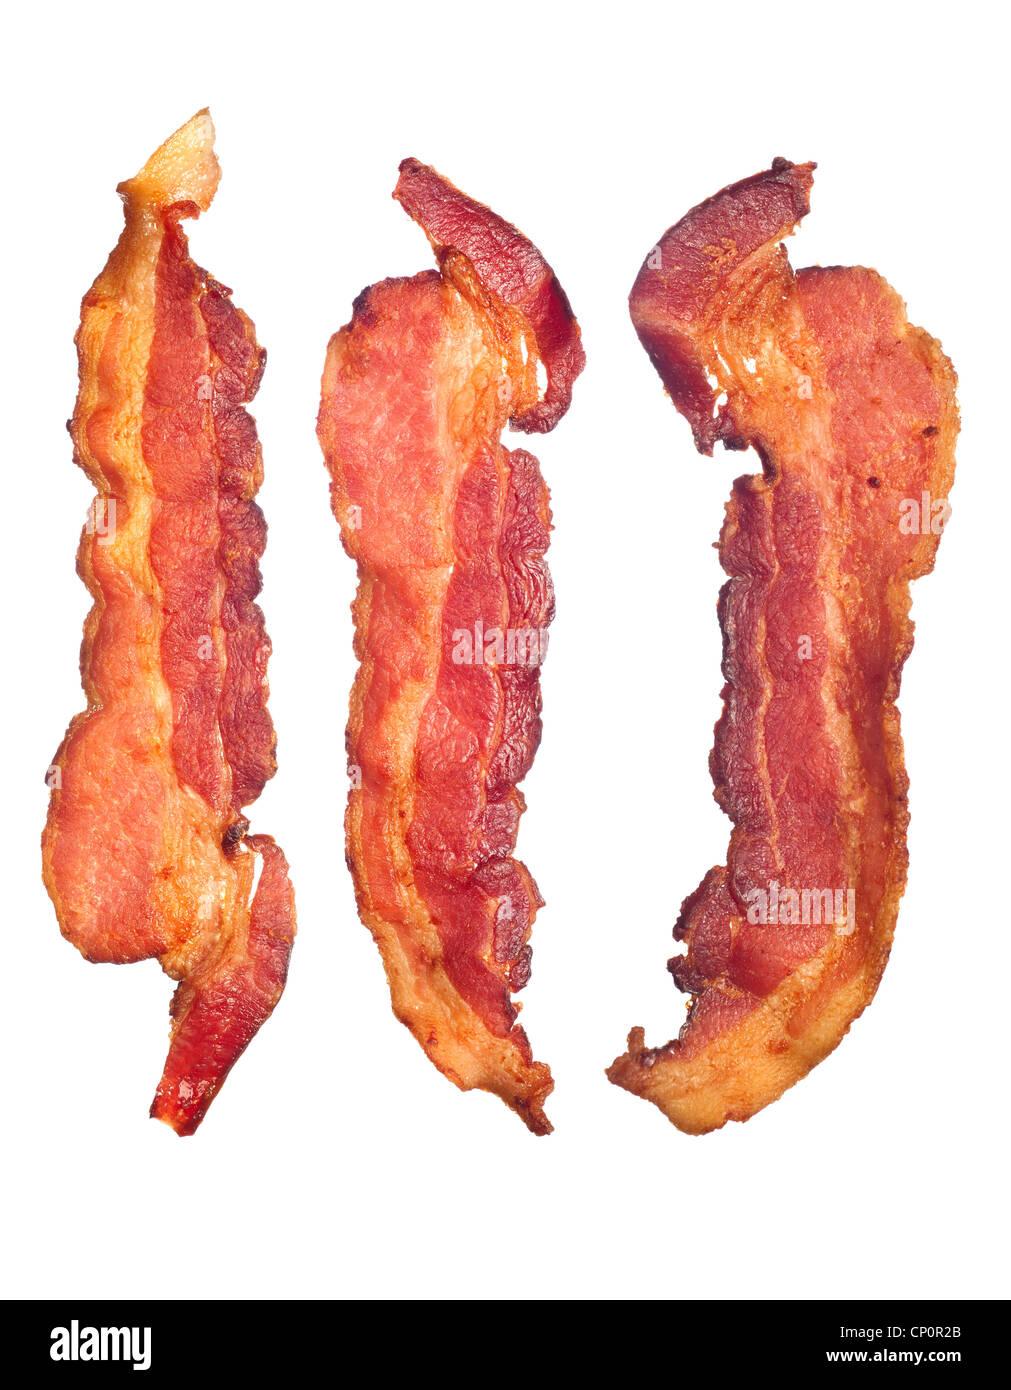 Tres cocidos, fritos crujientes bacon aislado sobre un fondo blanco. Bueno para muchos salud y cocinar inferencias. Imagen De Stock